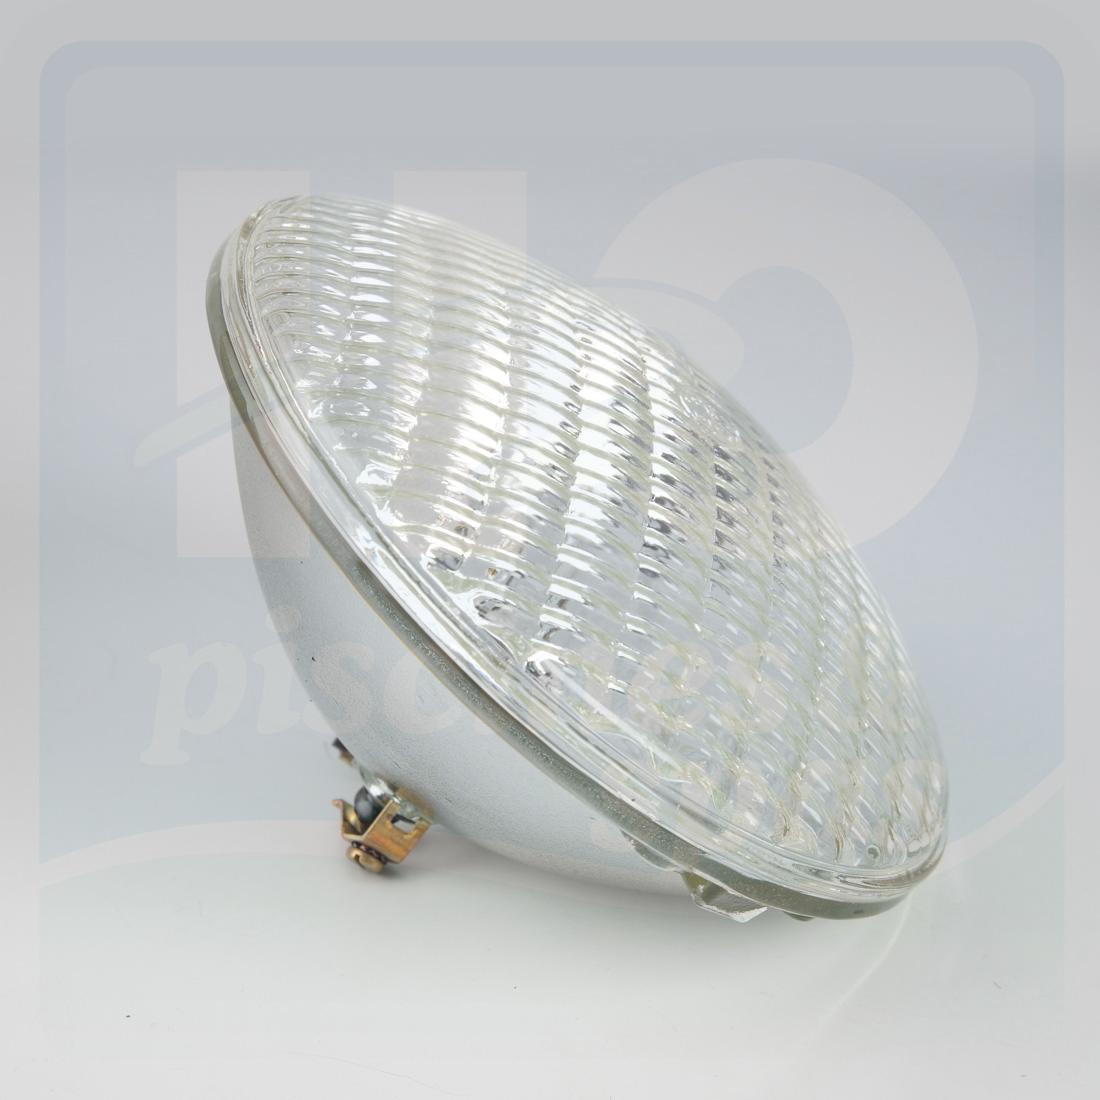 Lampe Blanche Général Electric 12 V / 300 W Pour Projecteur De Piscine -  H2O Piscines & Spas avec Projecteur Led Piscine Par 56